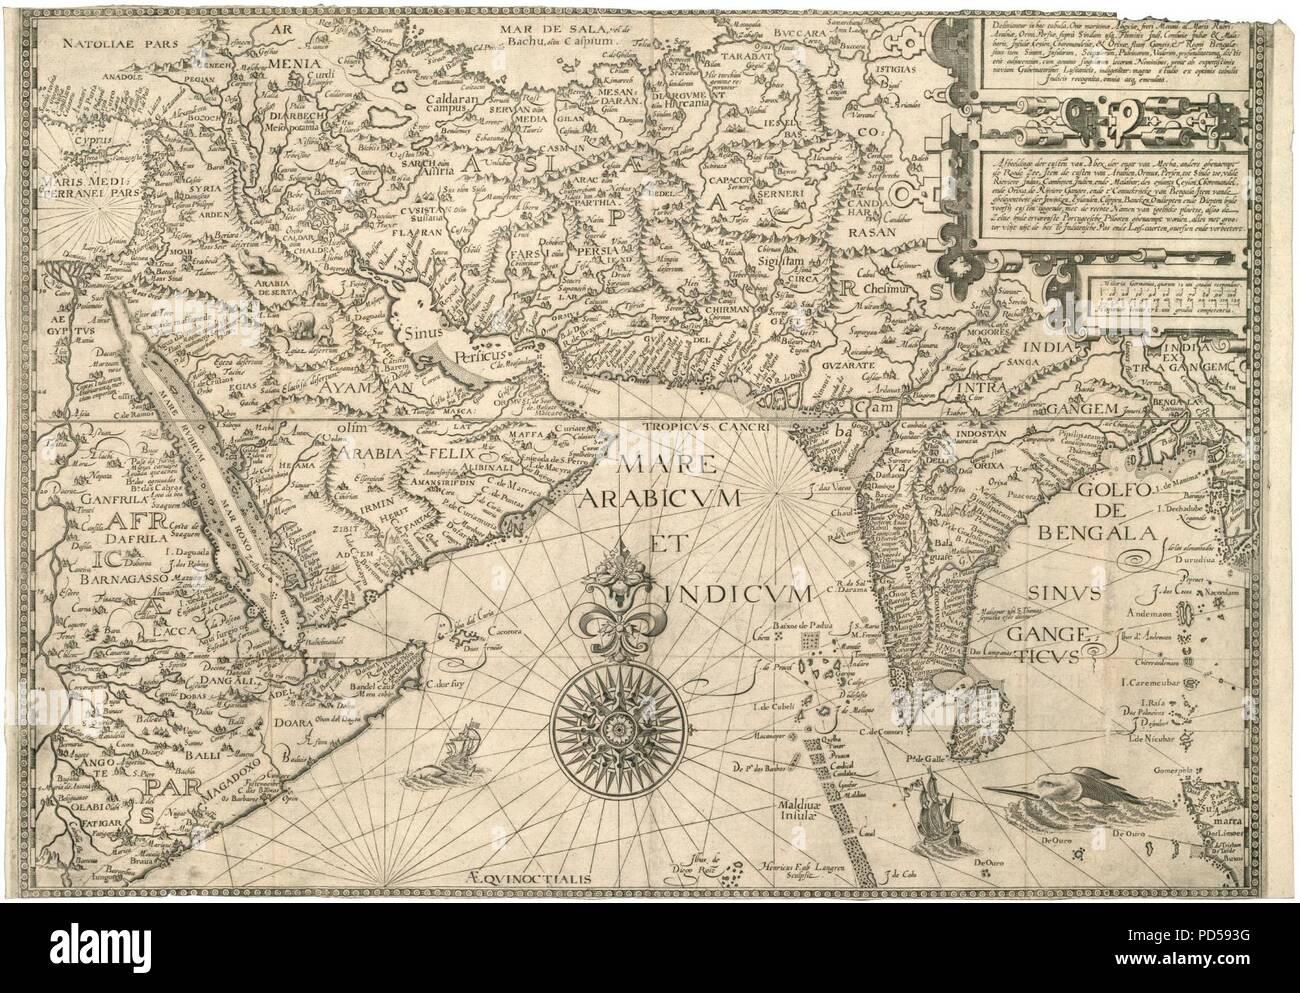 Arab Peninsula Map Stock Photos & Arab Peninsula Map Stock ... on